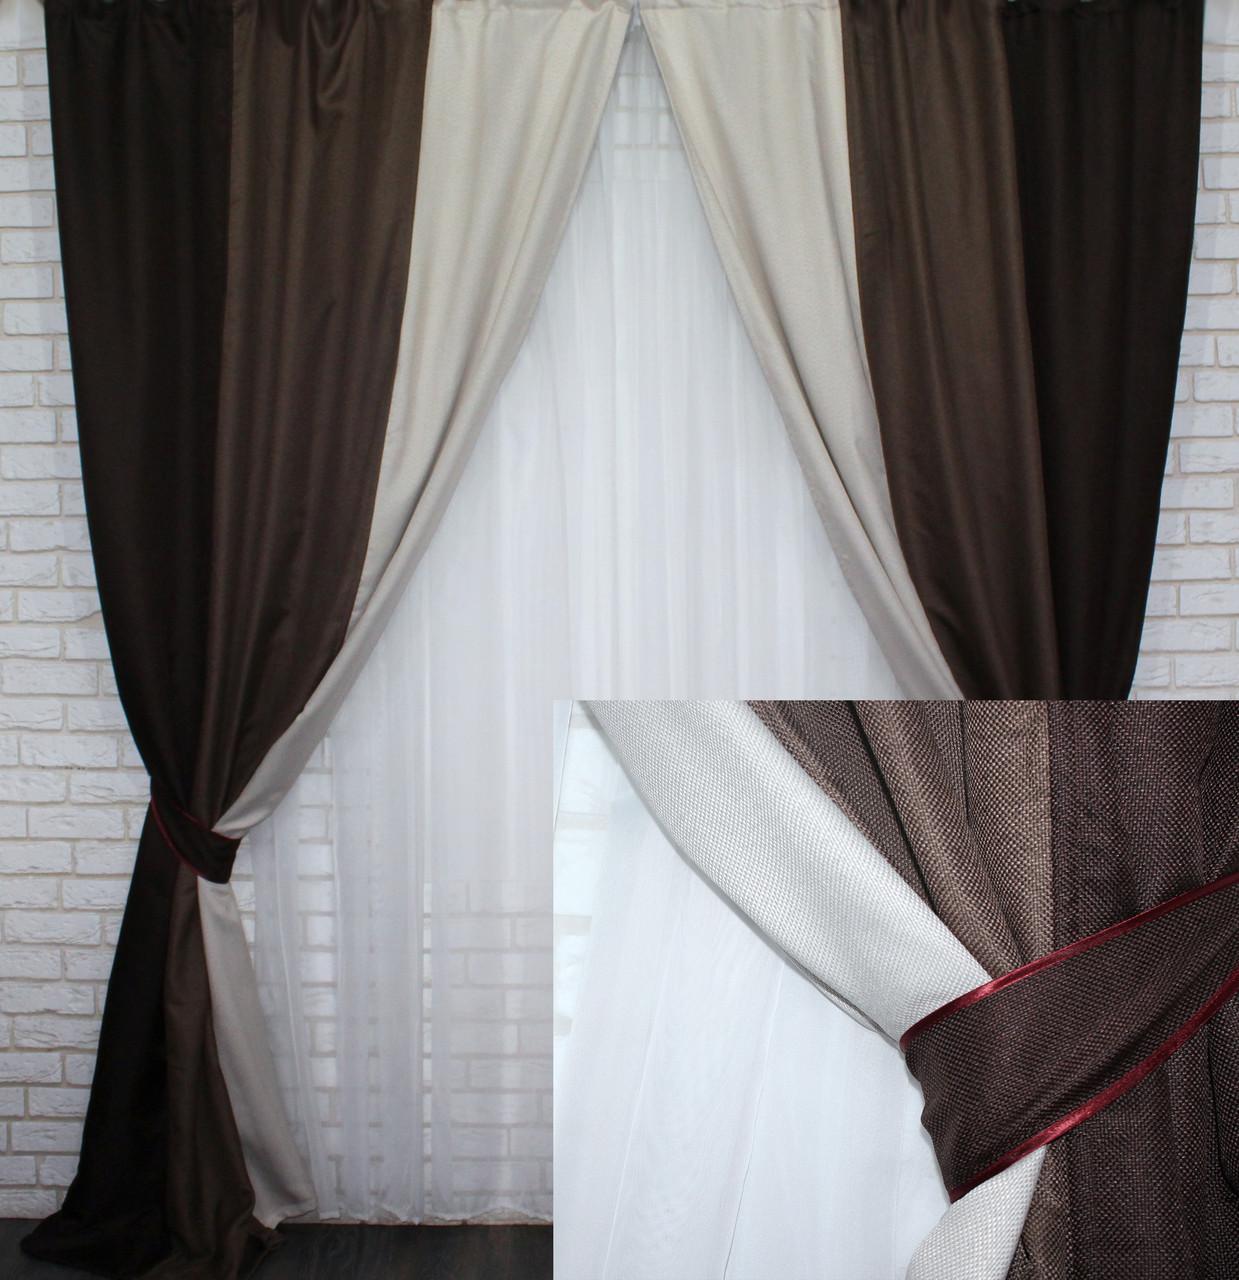 Шторы из ткани лен-мешковина. Цвет коричневый с бежевым и капучино. Код 016дк.